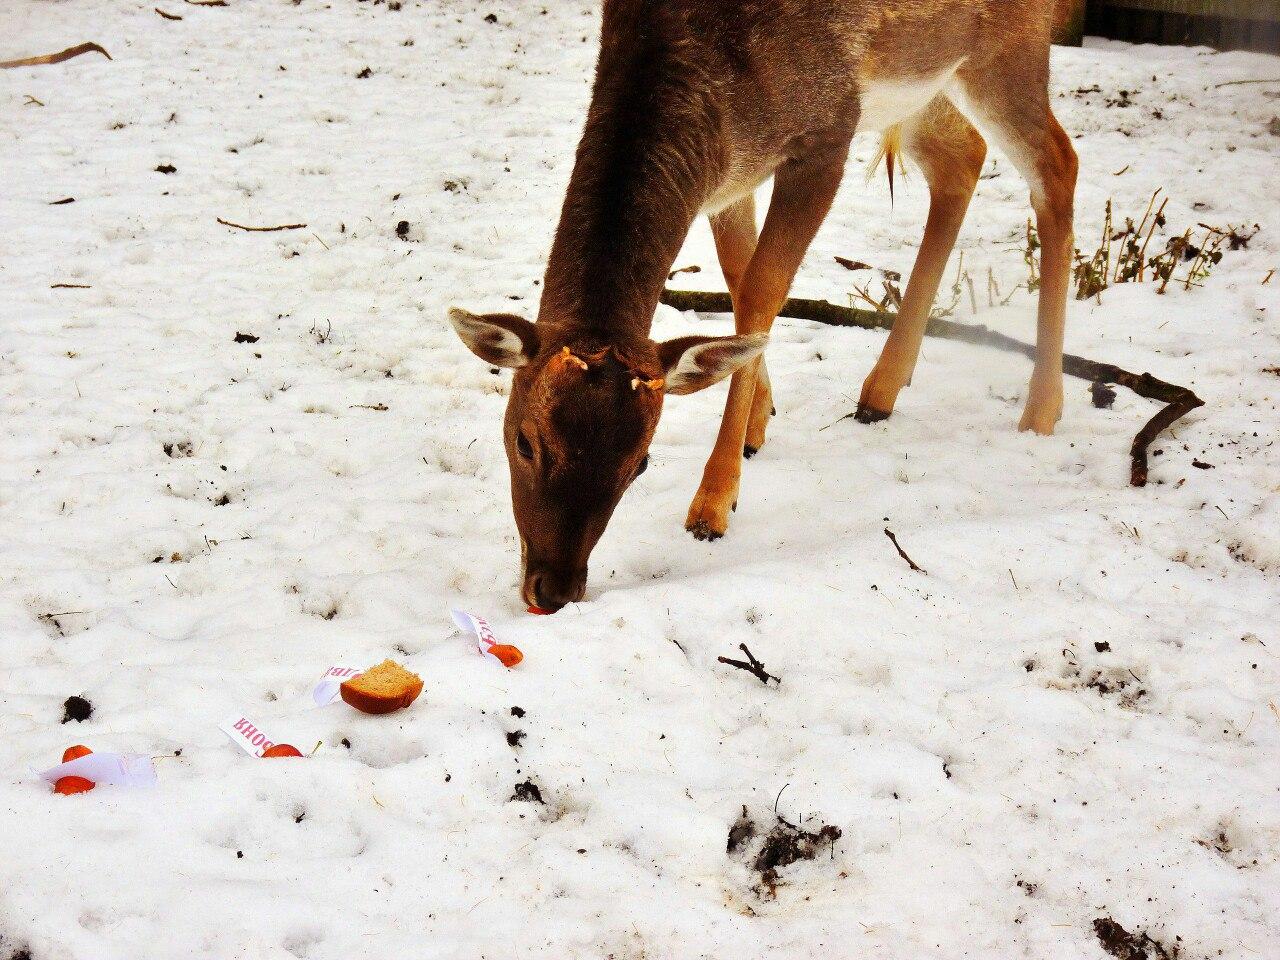 Омичи дали имя «Гриша» самцу европейской лани в Большереченском зоопарке